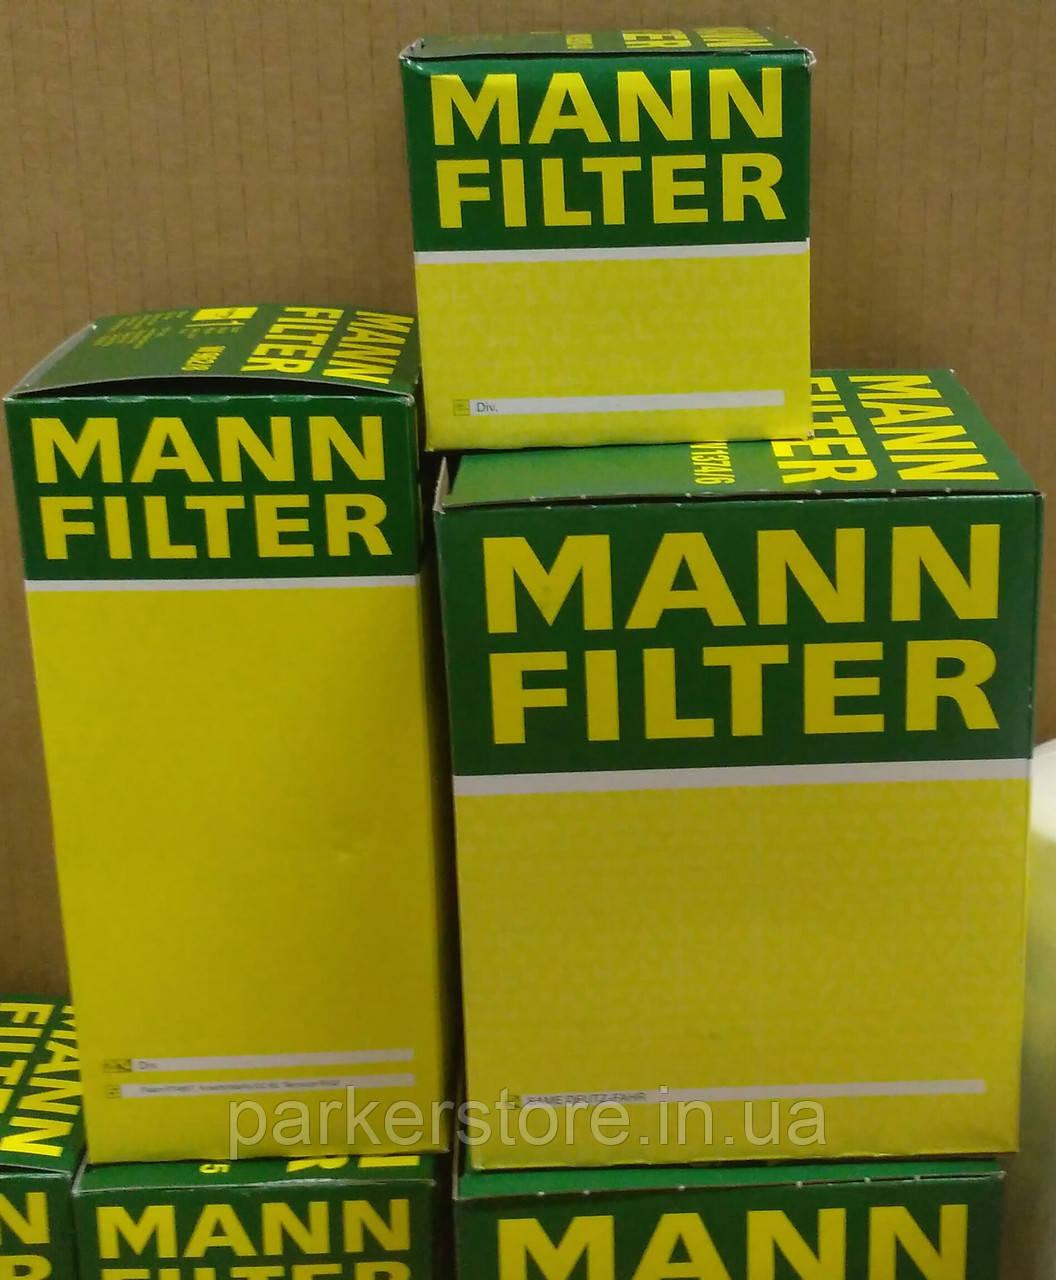 MANN FILTER / Повітряний фільтр / C 3028 / C3028